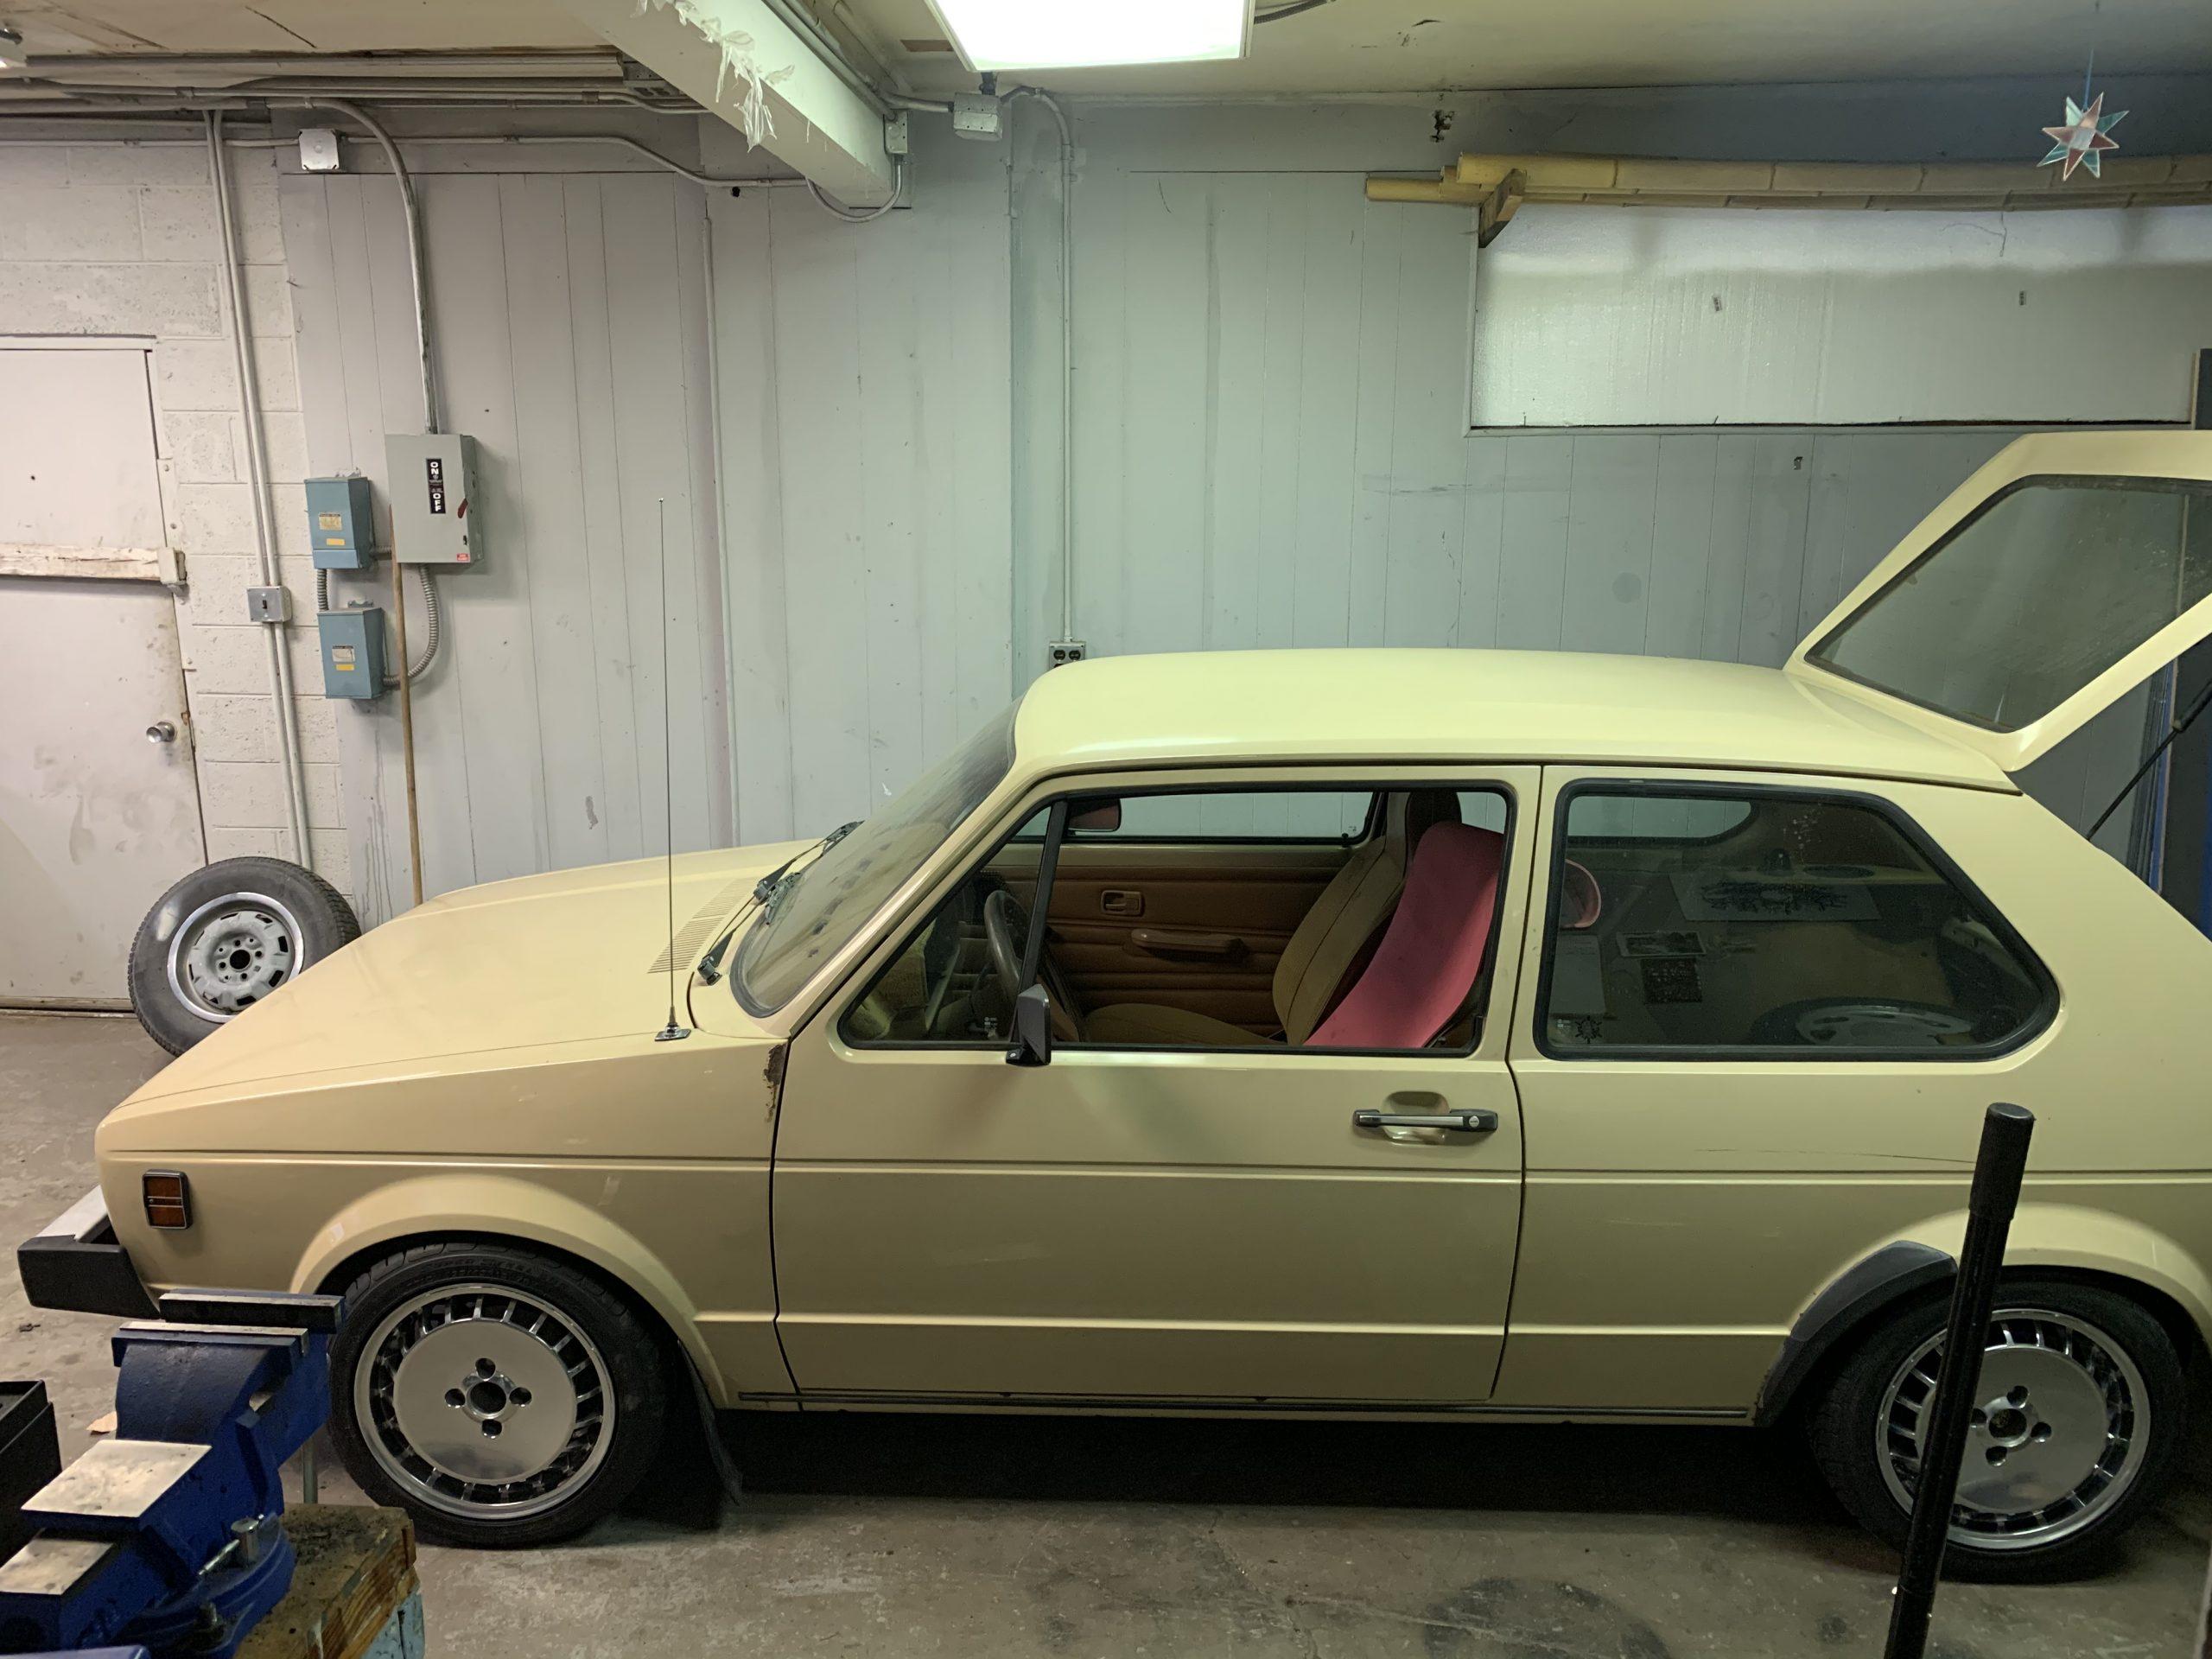 1980 VW Rabbit TDI swap Aug 31, 6 14 05 PM